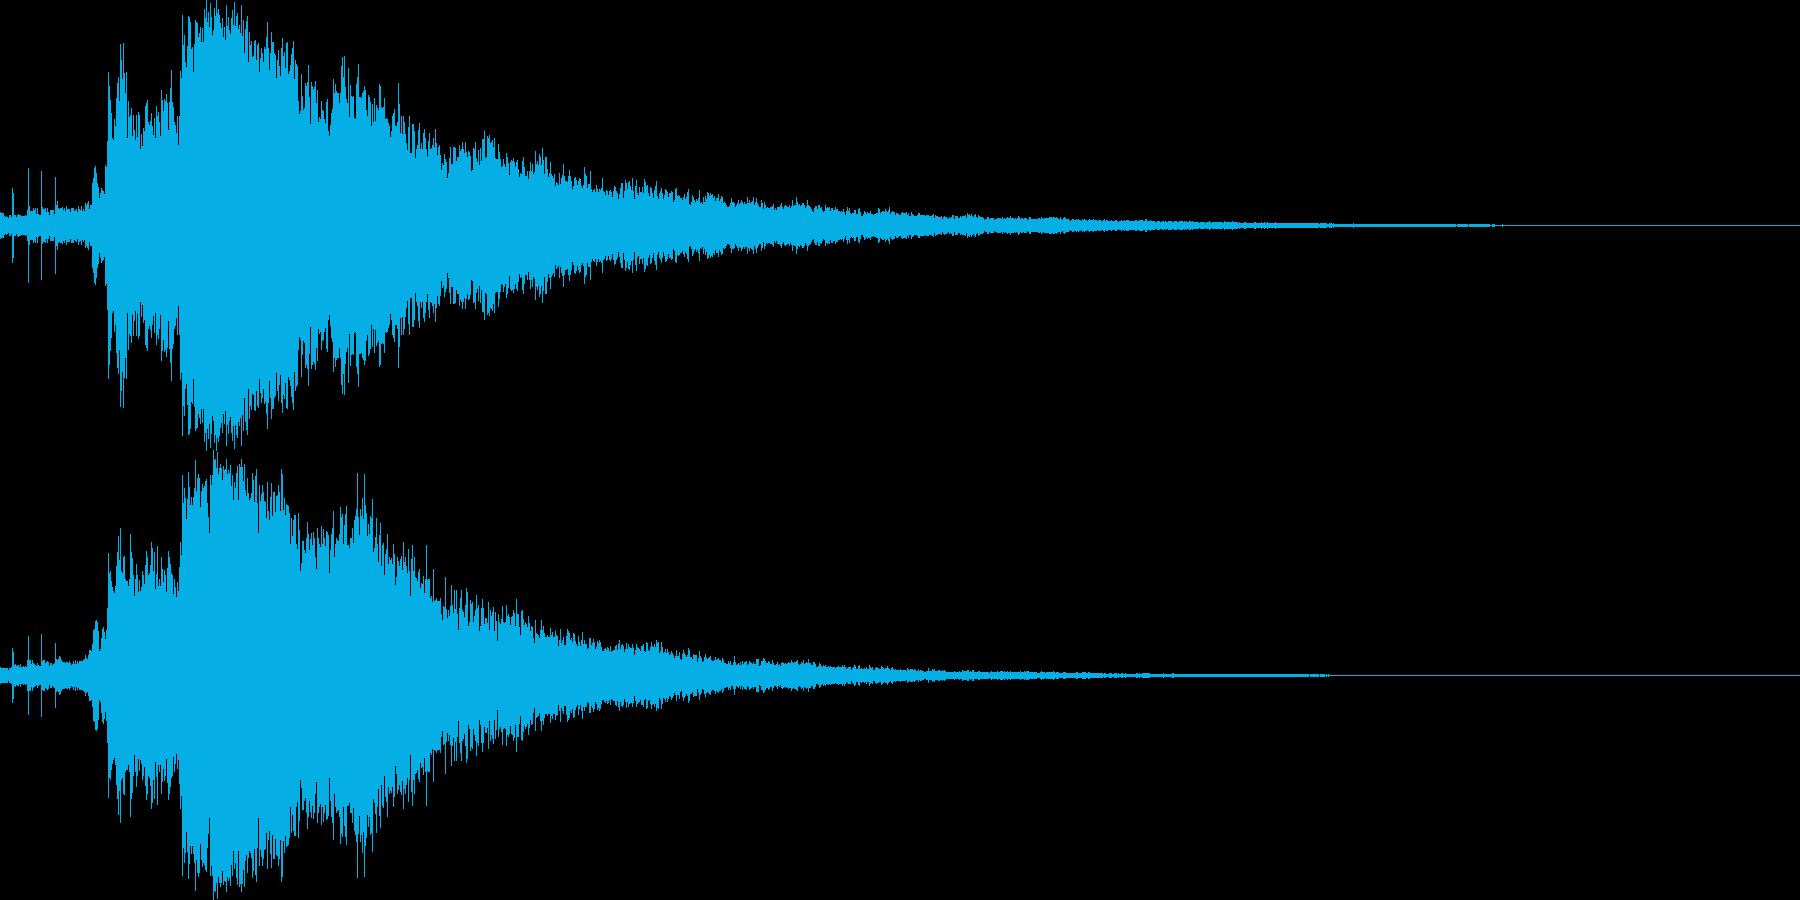 キラキラ☆シャキーン(輝きや魔法等)7bの再生済みの波形